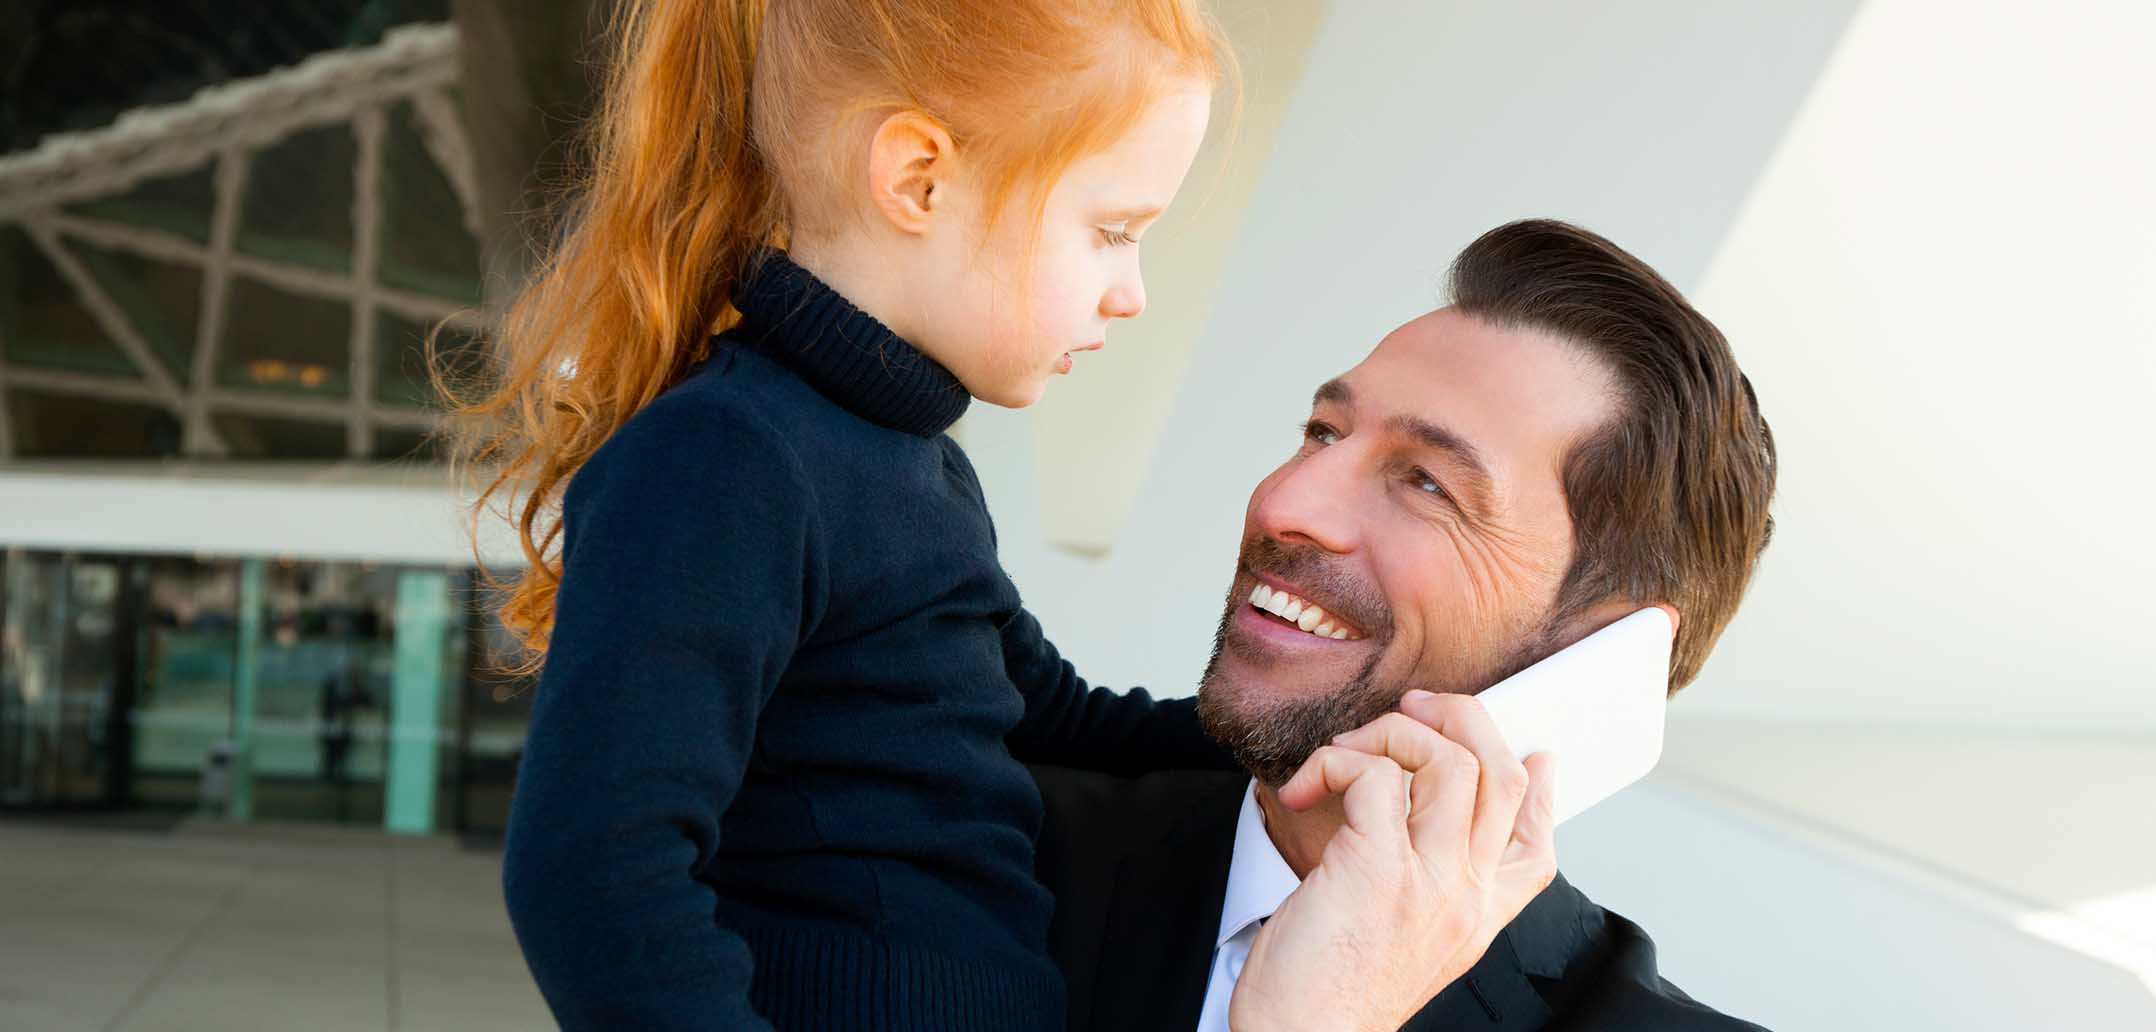 Väter haben gute Chancen auf Karriere